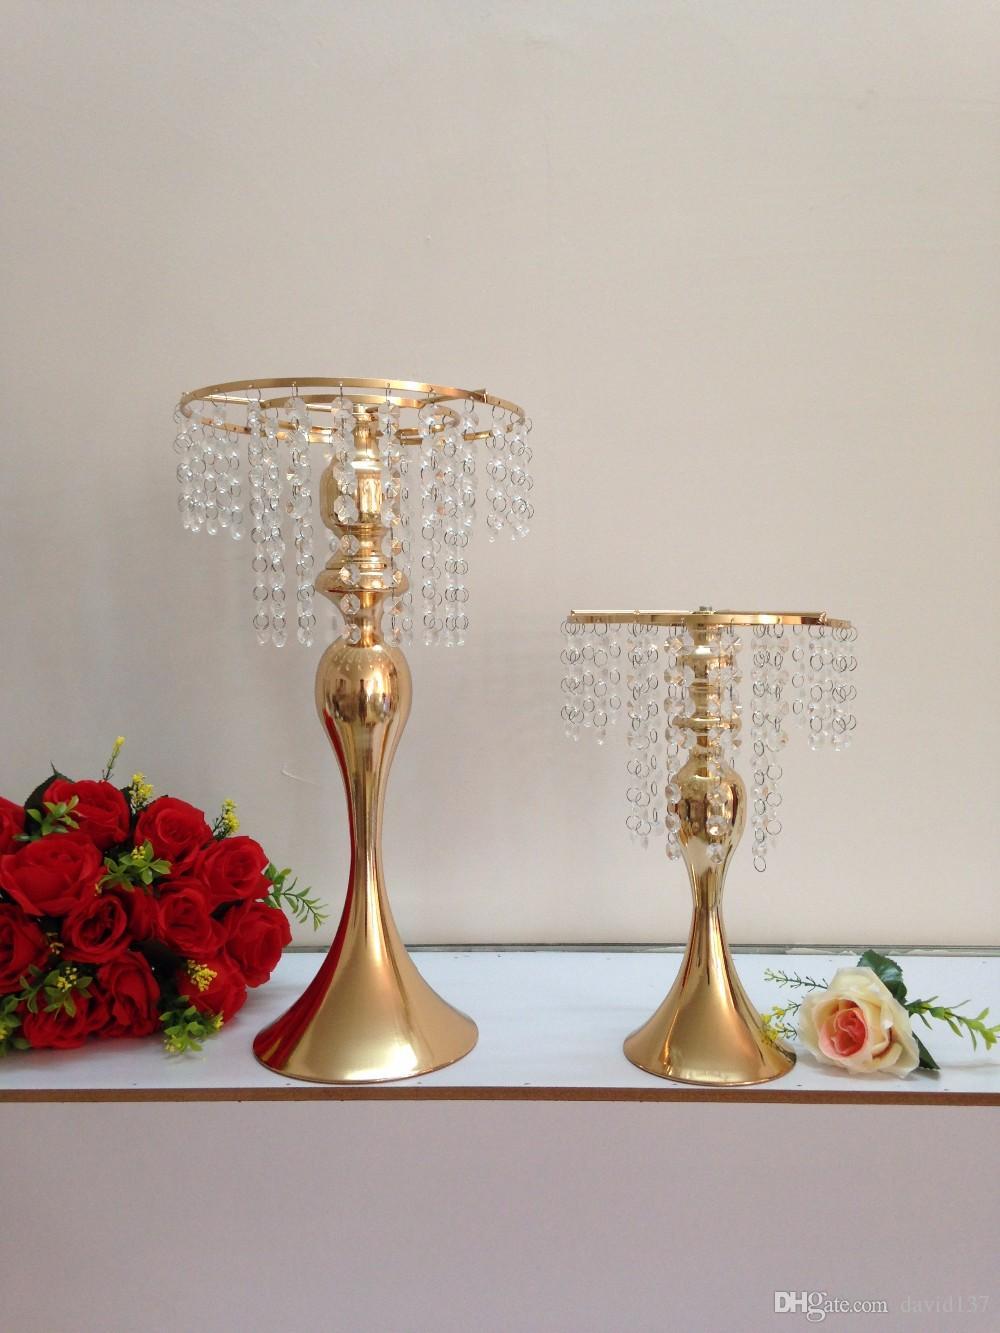 """33 см (13"""") Золотой свадебный стол люстра свадьба цветок ВАЗа цветок стойку свадьба центральным 10 шт. / лот-маленький стиль"""